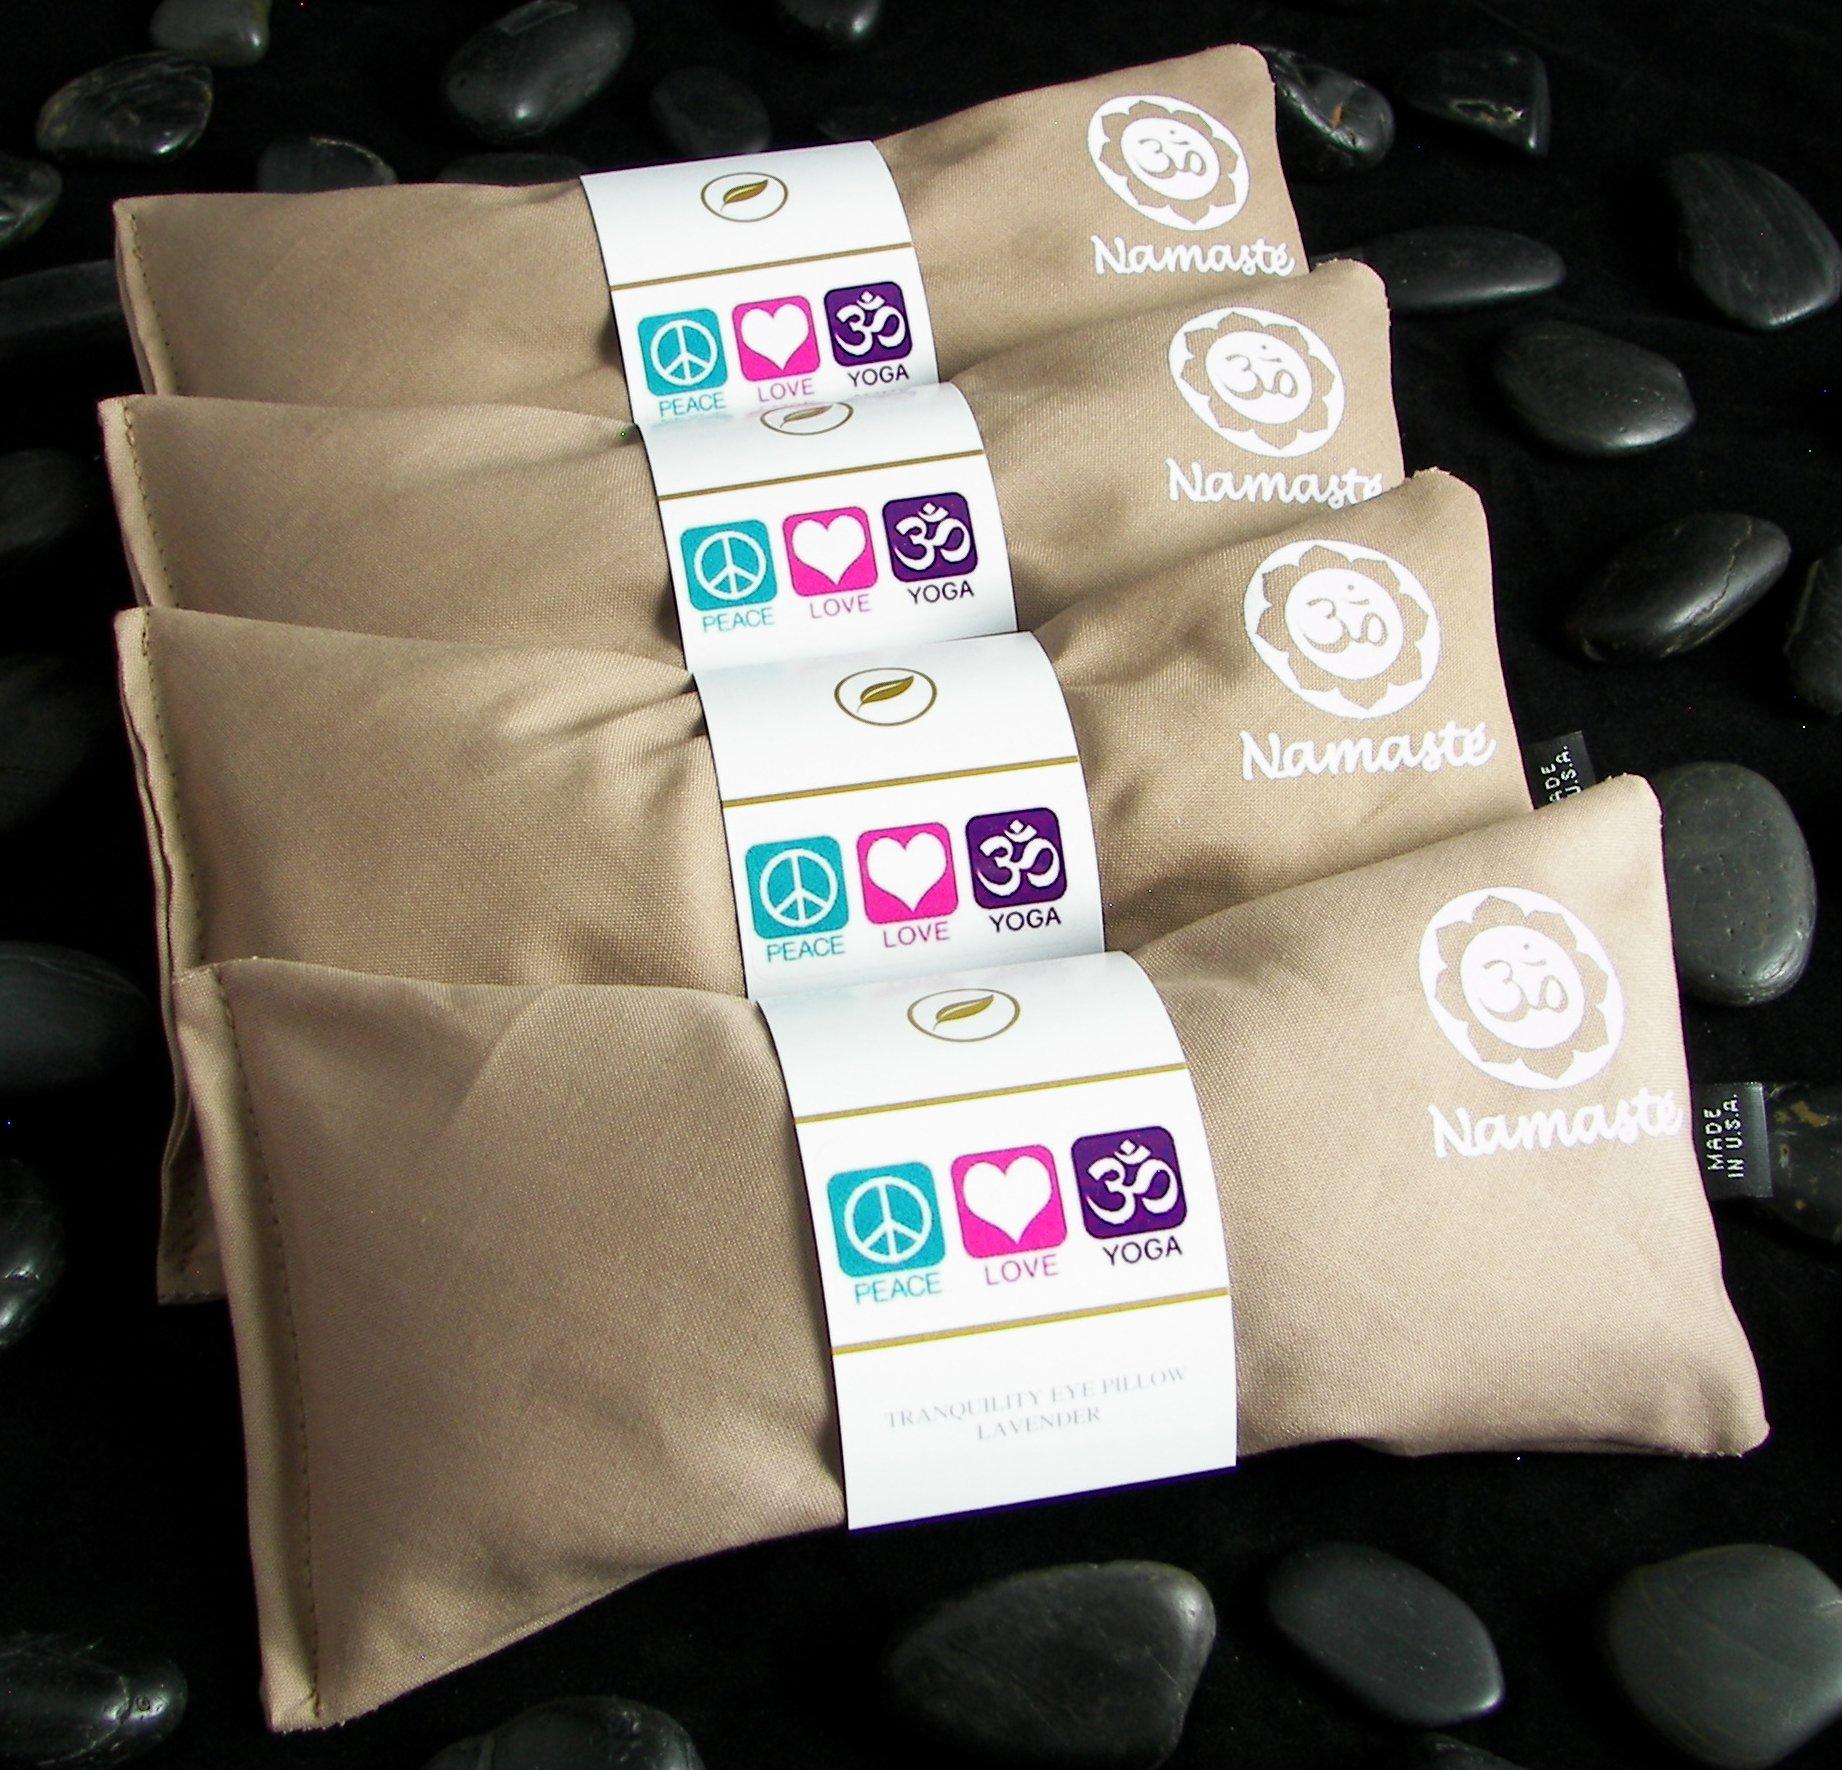 Happy Wraps Namaste Yoga Eye Pillows - Unscented Eye Pillows for Yoga - Set of 4 - Tan Cotton by Happy Wraps